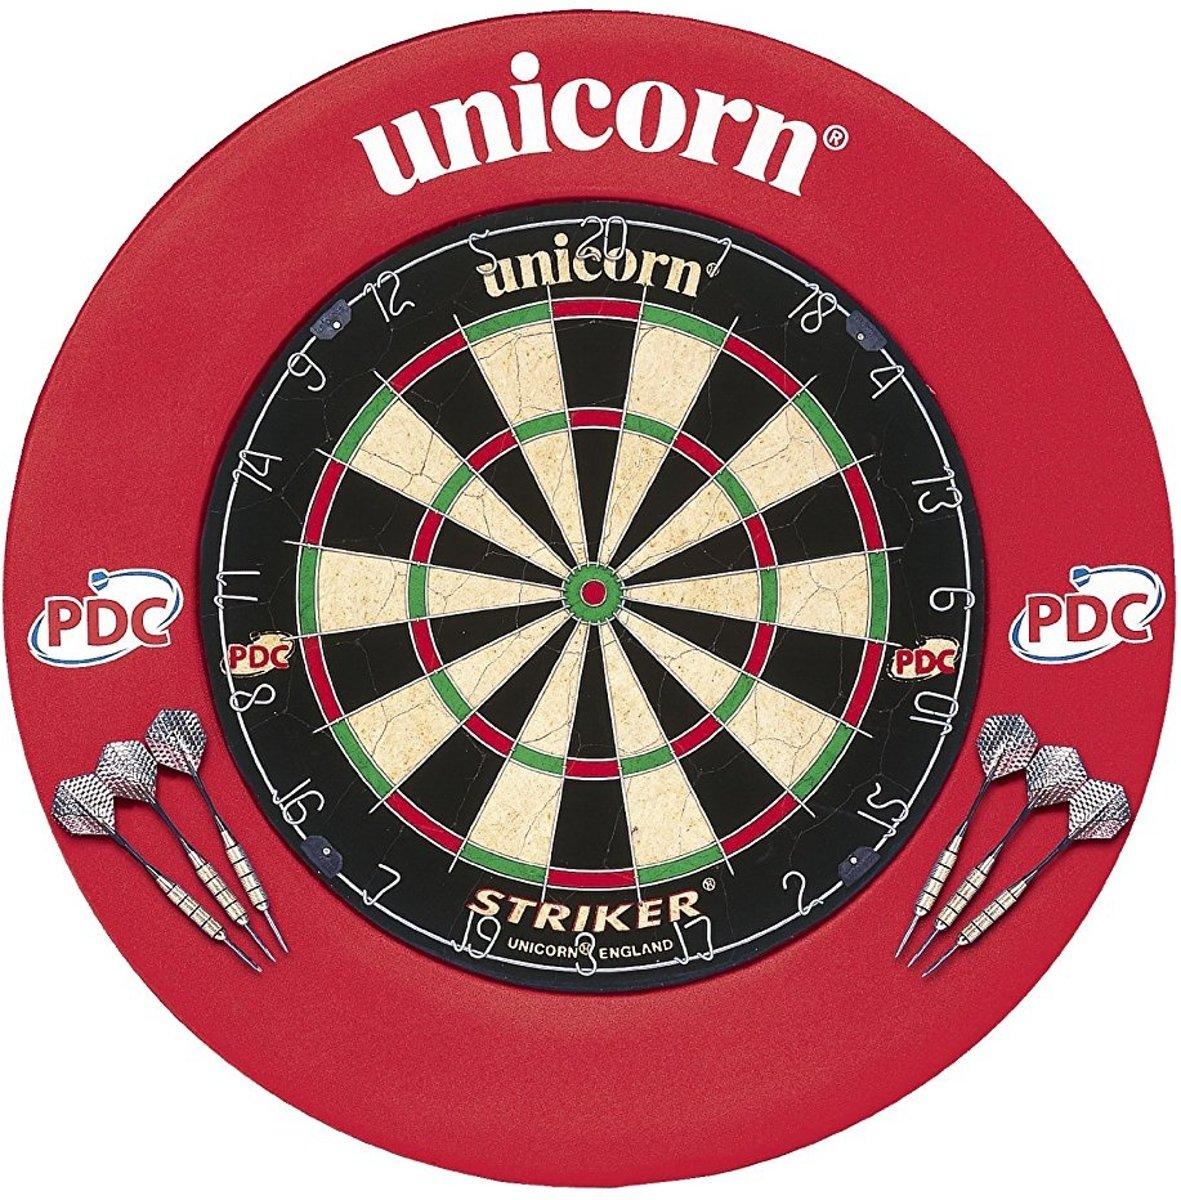 Unicorn Striker Cabinet Home Darts Centre kopen